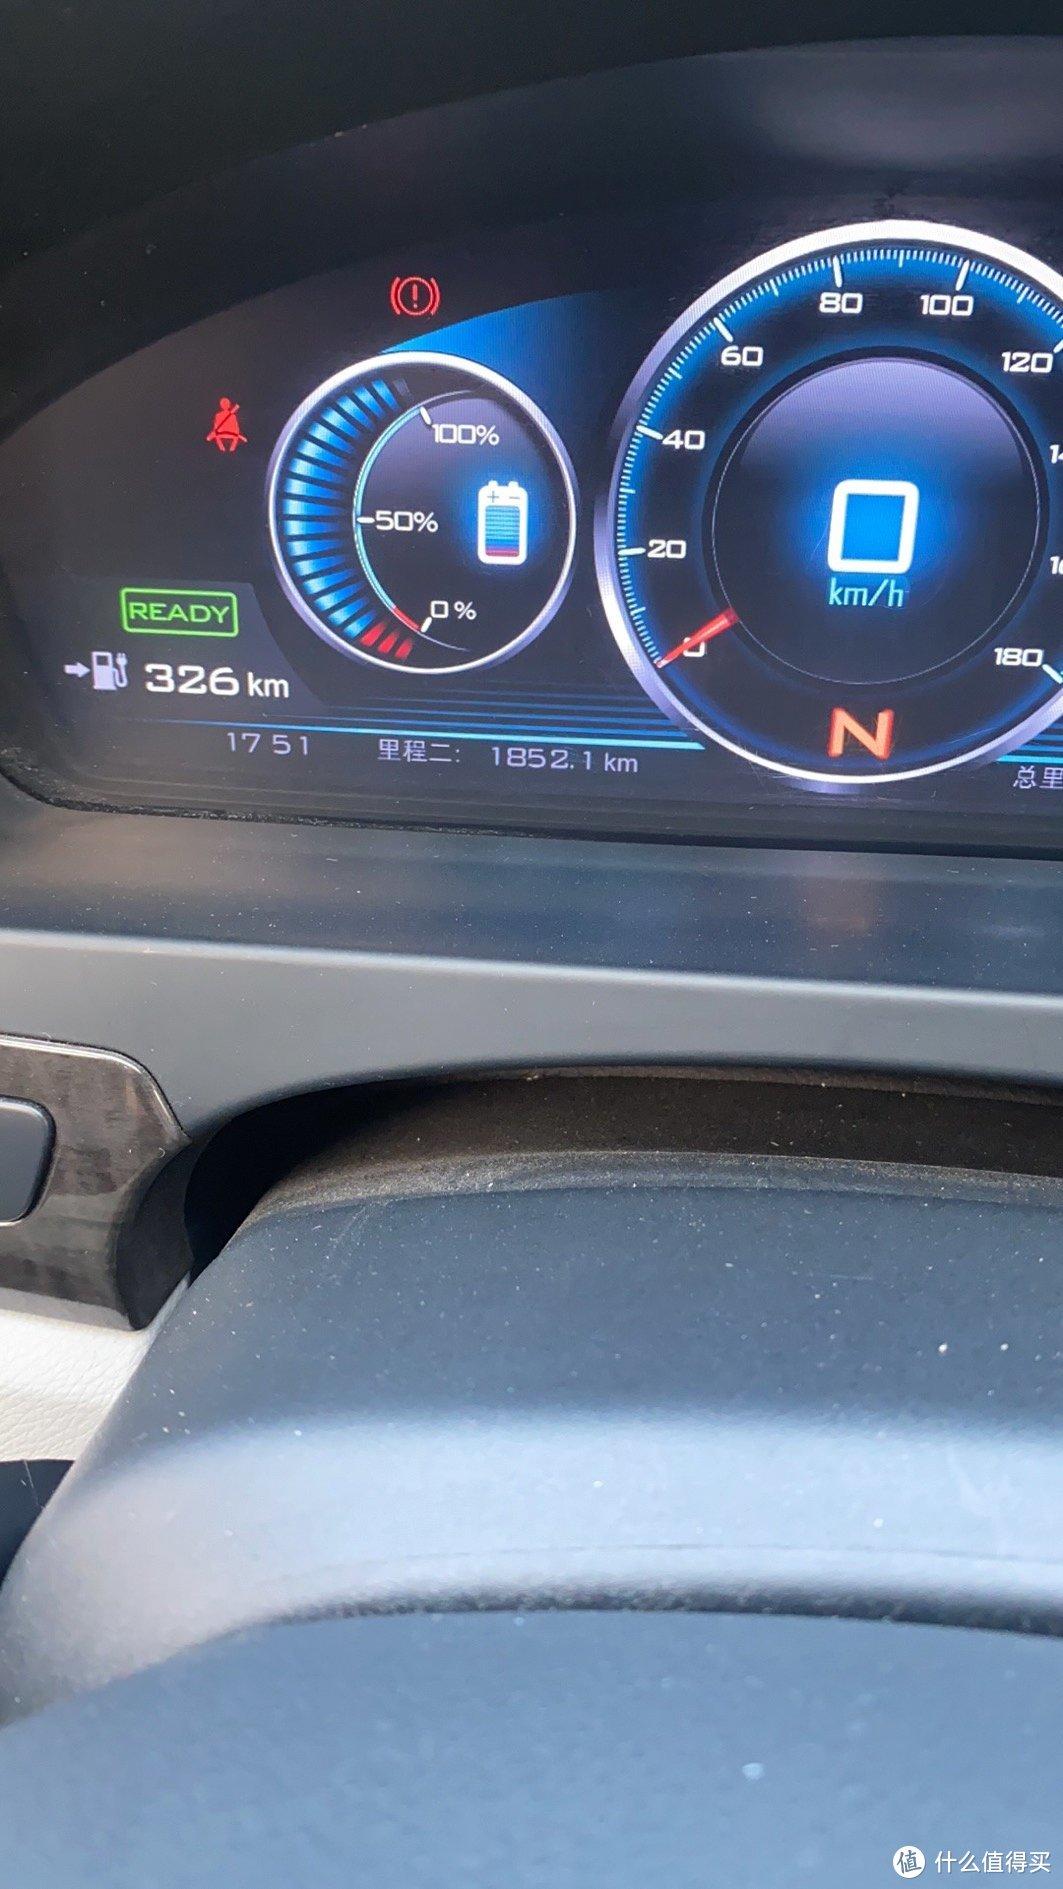 充满到95%后,开空调表显示的续航里程,老板说这车停放了很久,多满充满放几次才能激活电池